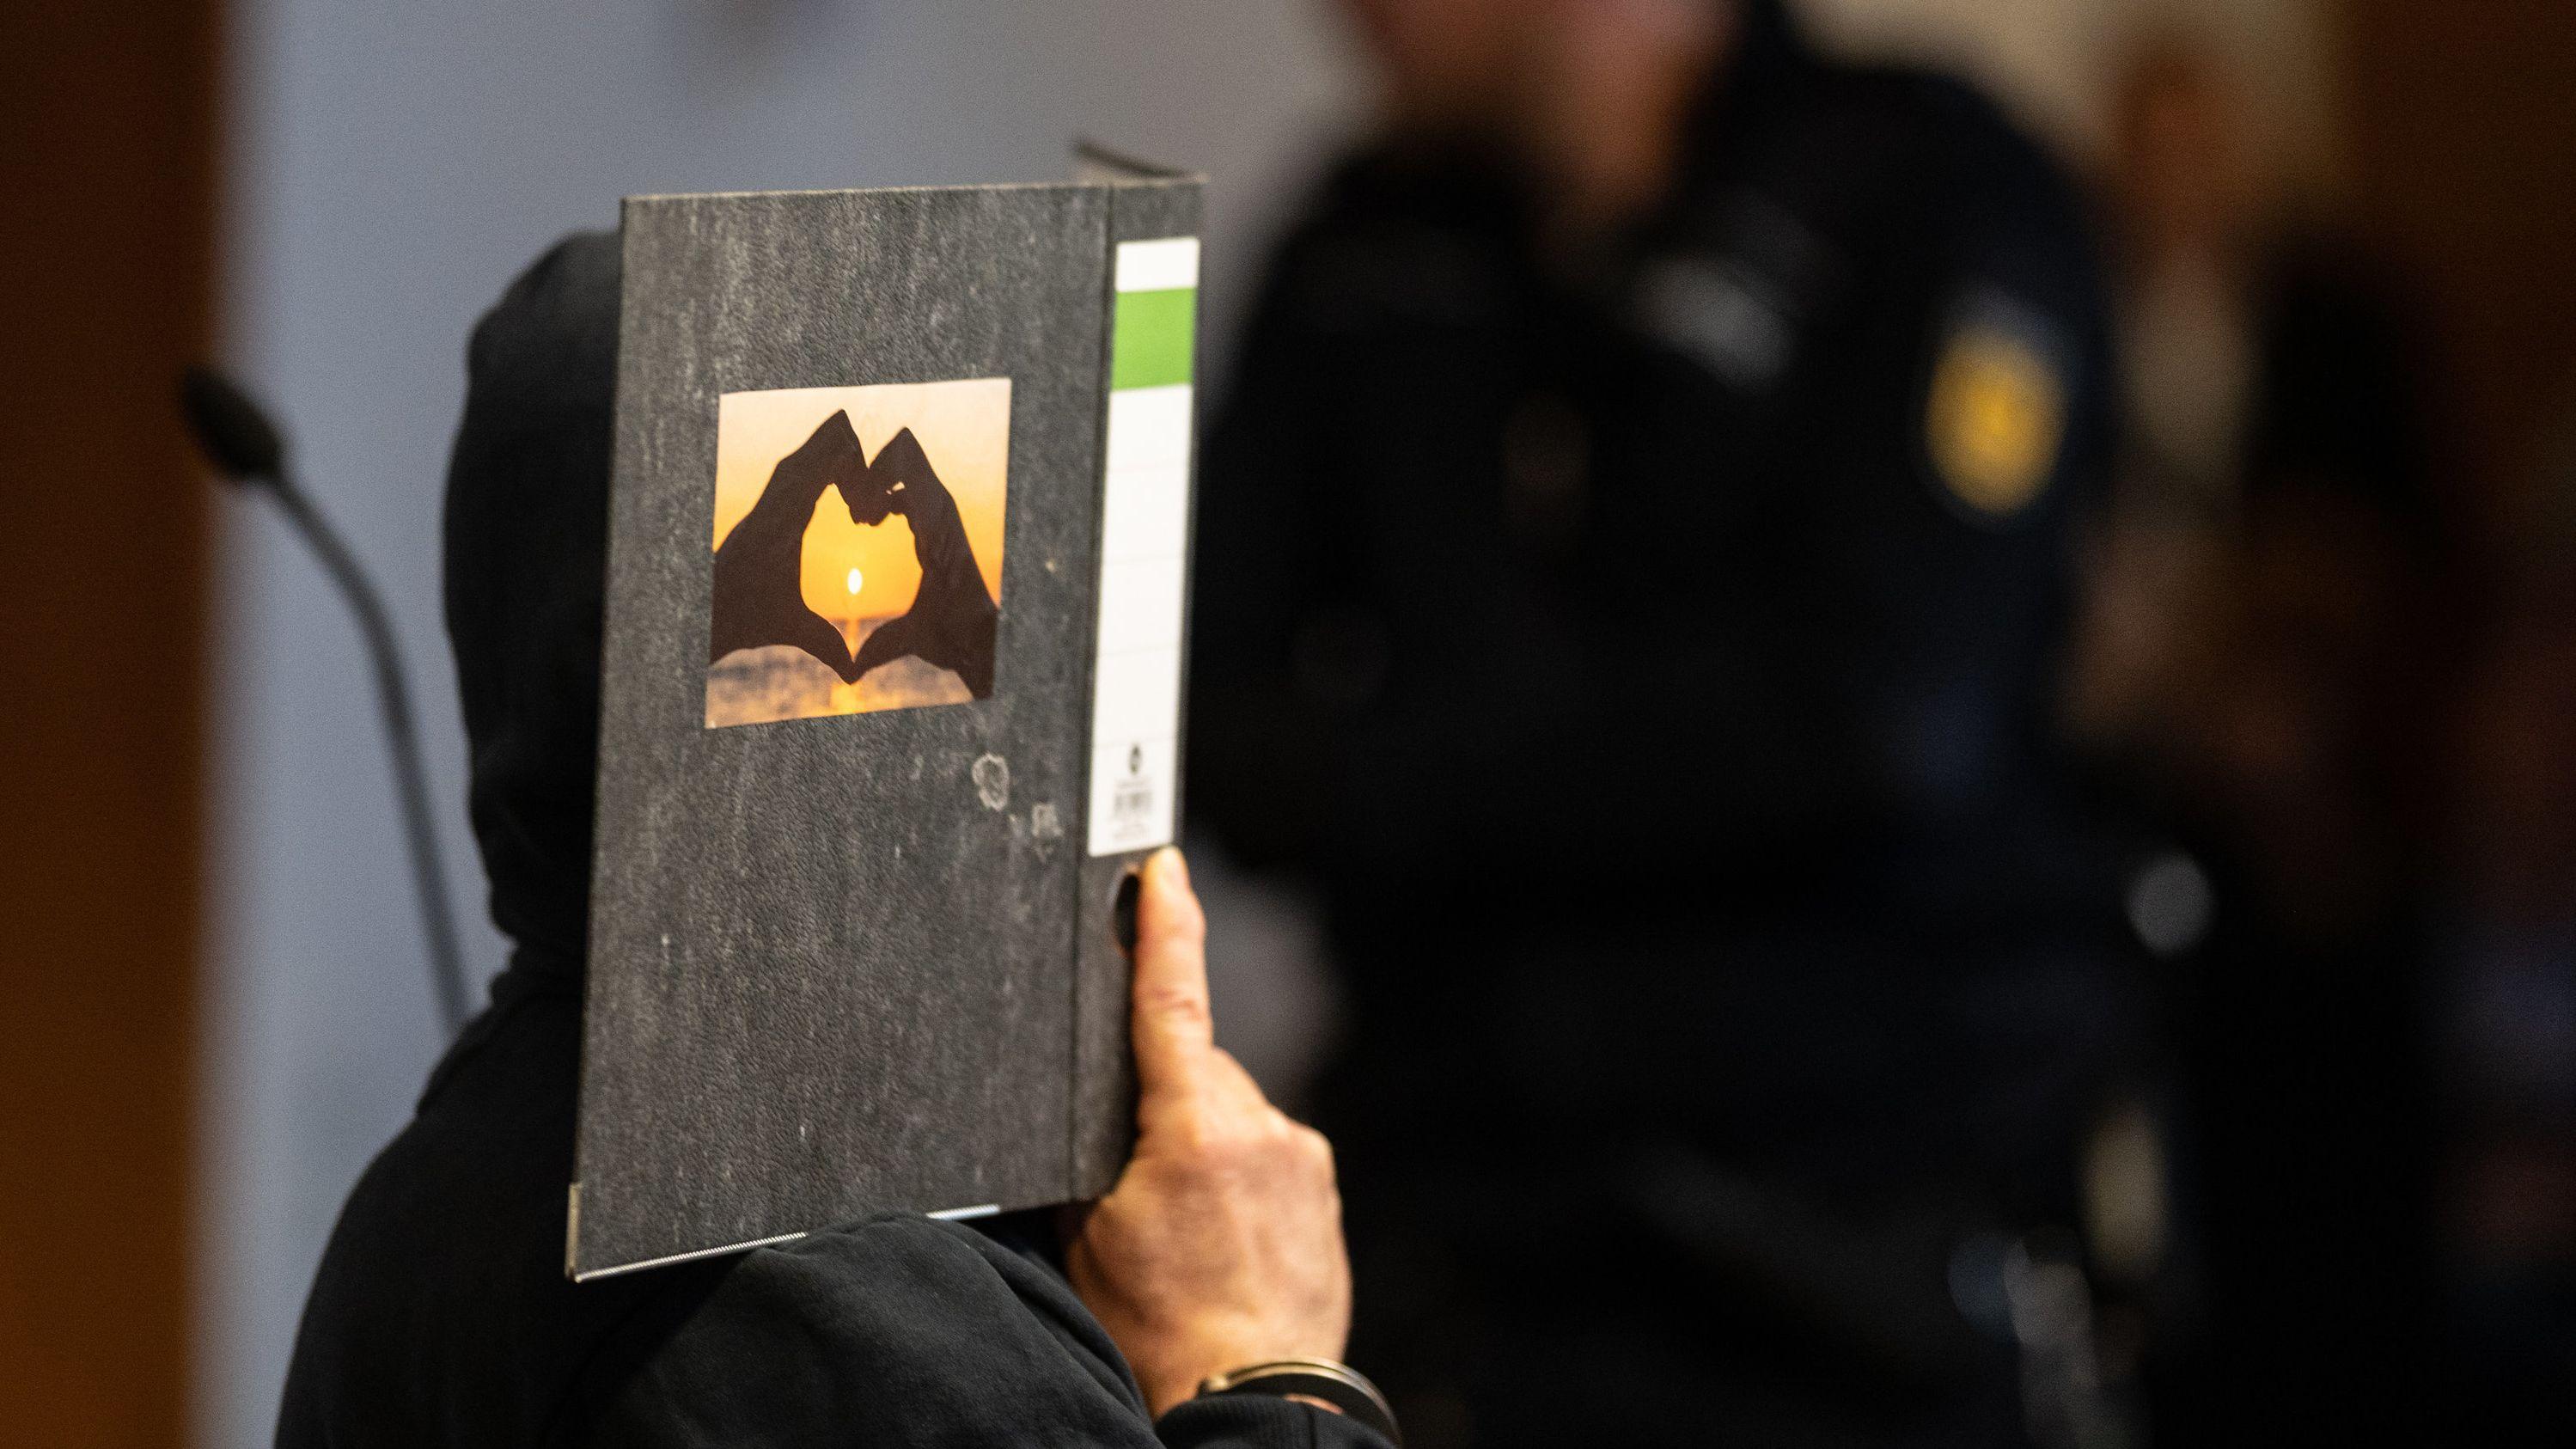 08.05.2019: Der 58-jährige Angeklagte im Fall  sitzt im Gerichtssaal im Landgericht und hält einen Aktenordner mit einem Herz aus zwei Händen vor sein Gesicht